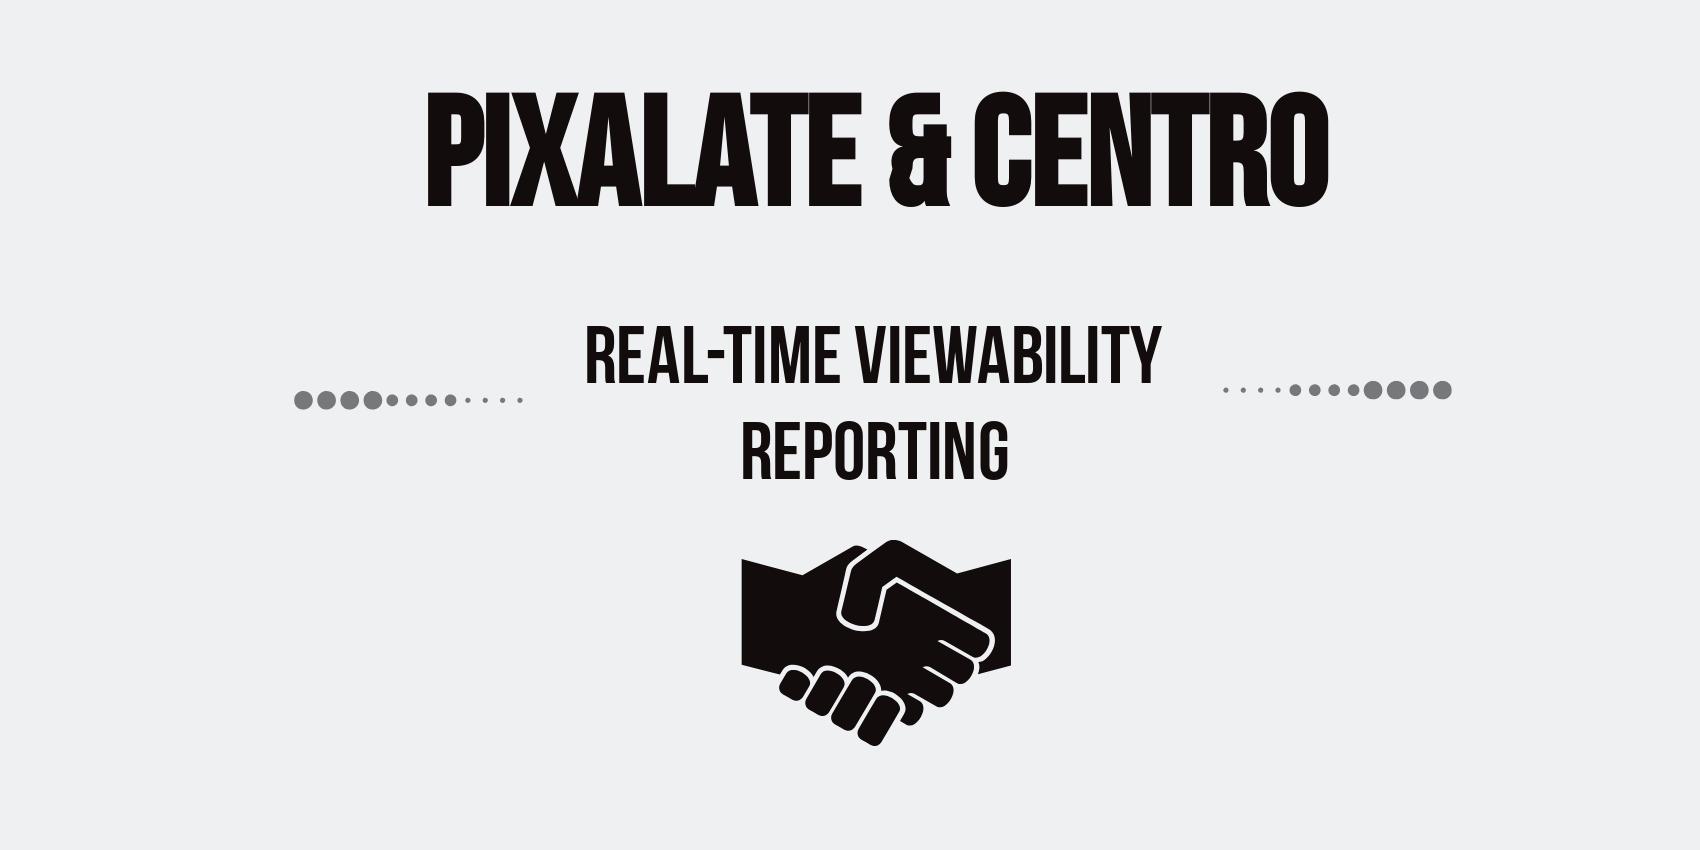 pixalate-centro-viewability